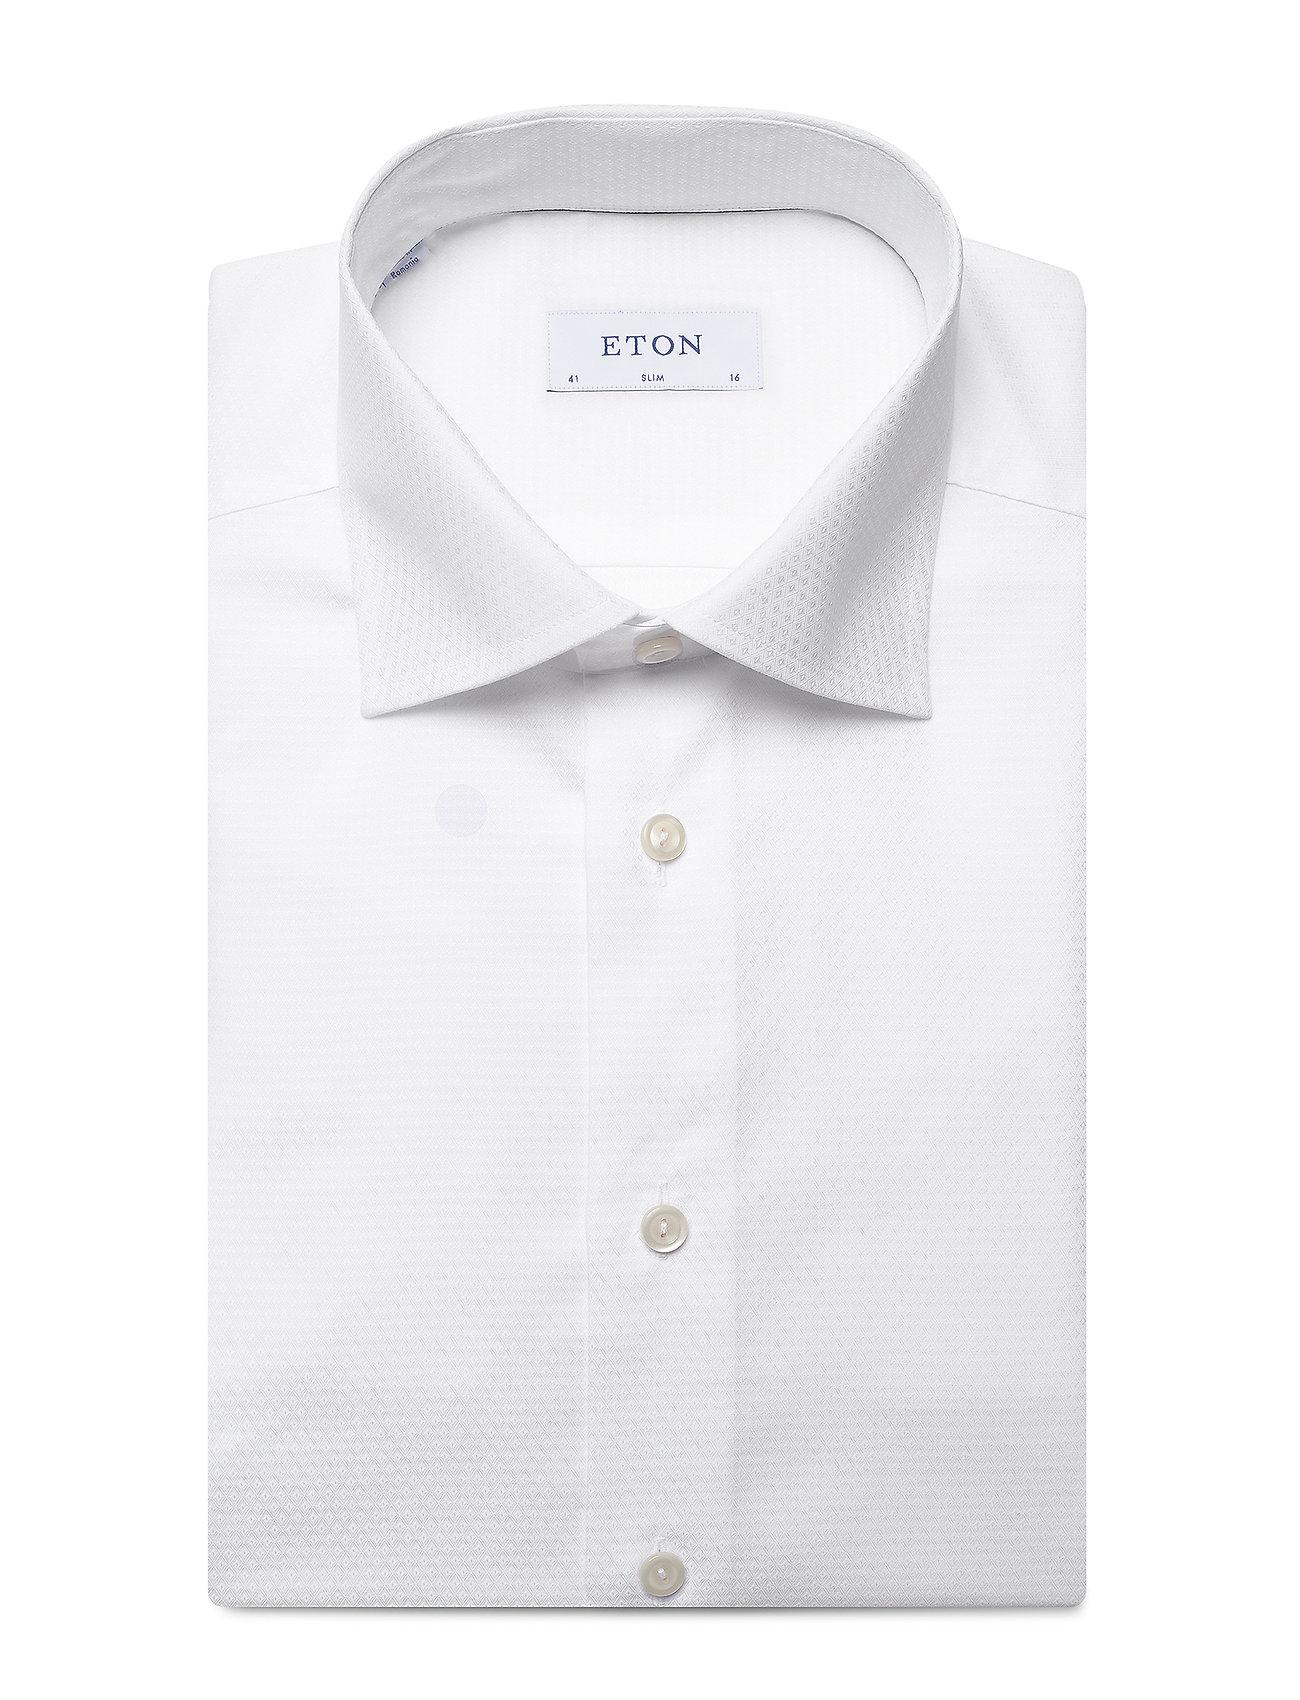 Eton Twill - Skjorter WHITE - Menn Klær